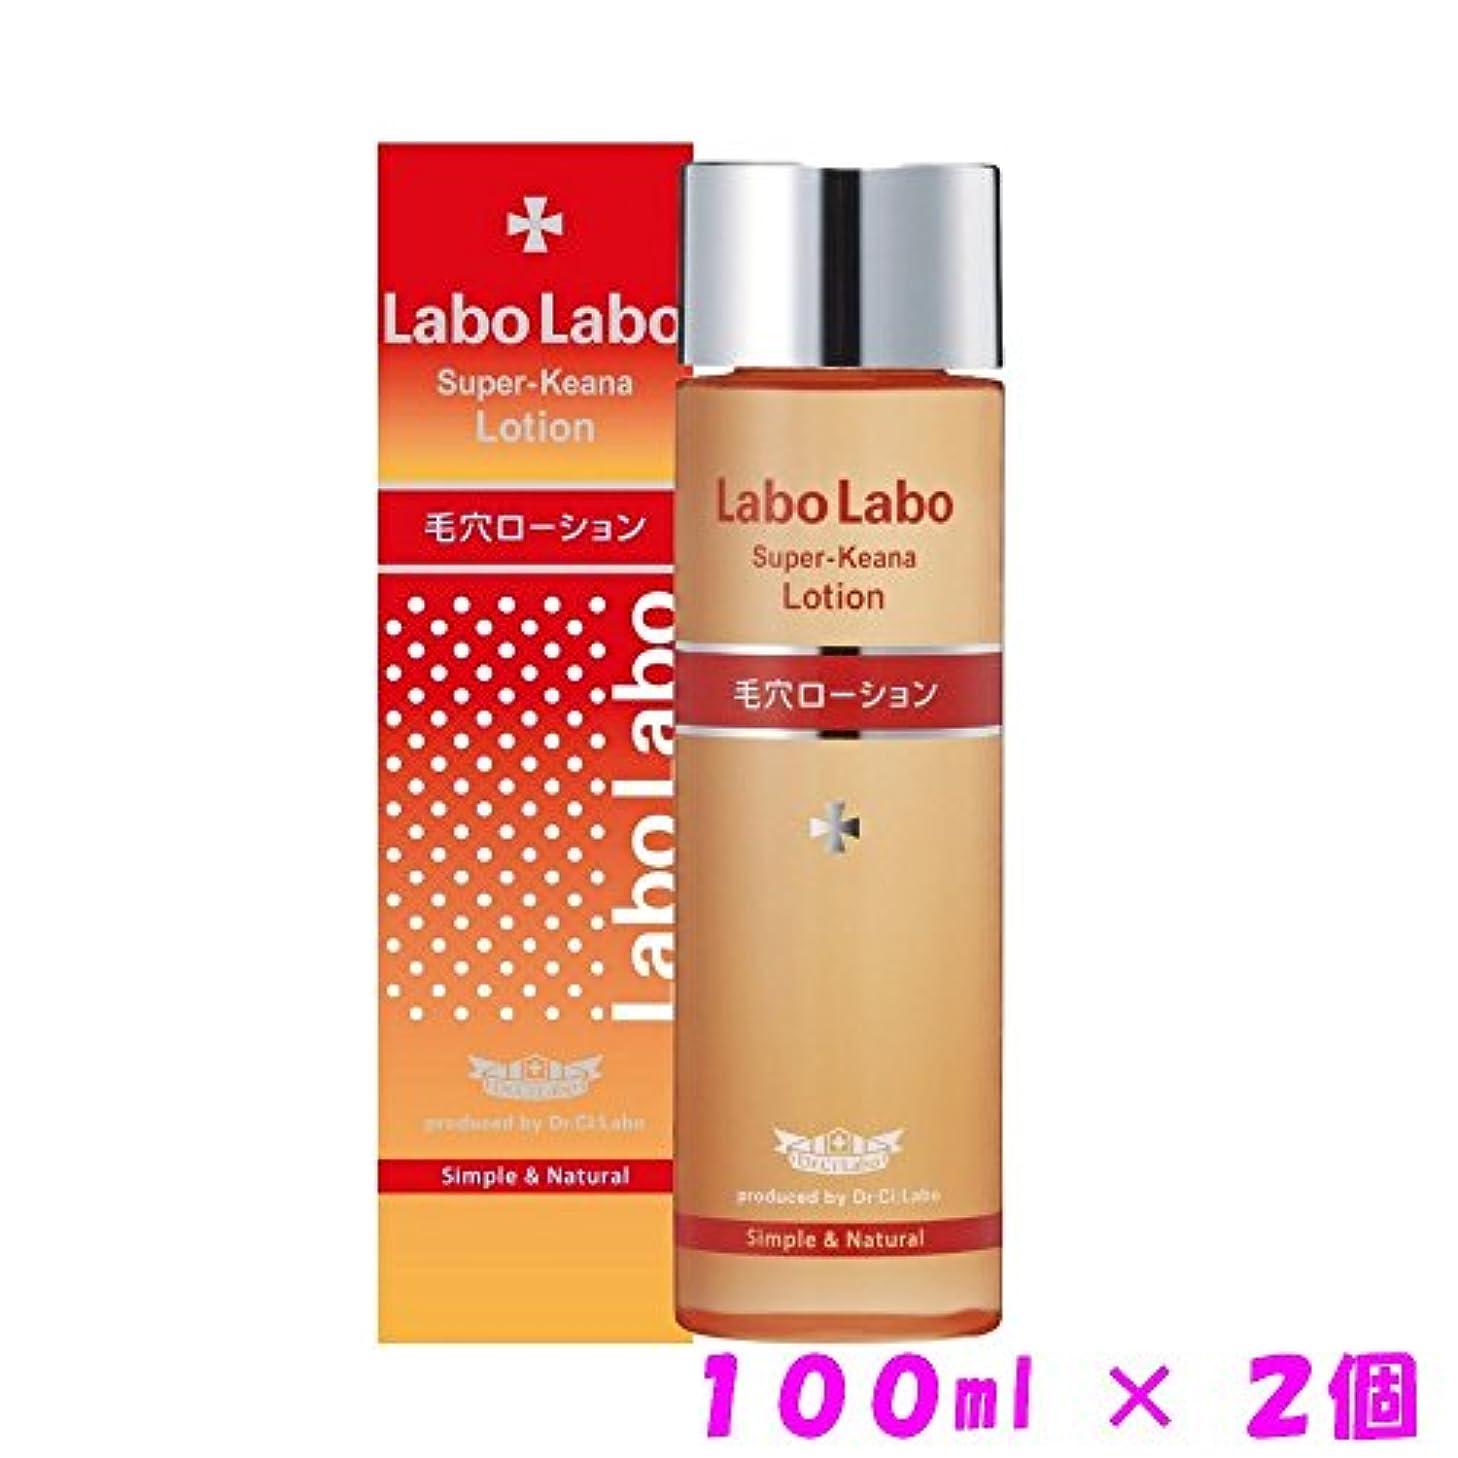 教義酸素呪いLabo Labo ラボラボ スーパー毛穴ローション(ふきとり化粧水)100ml×2